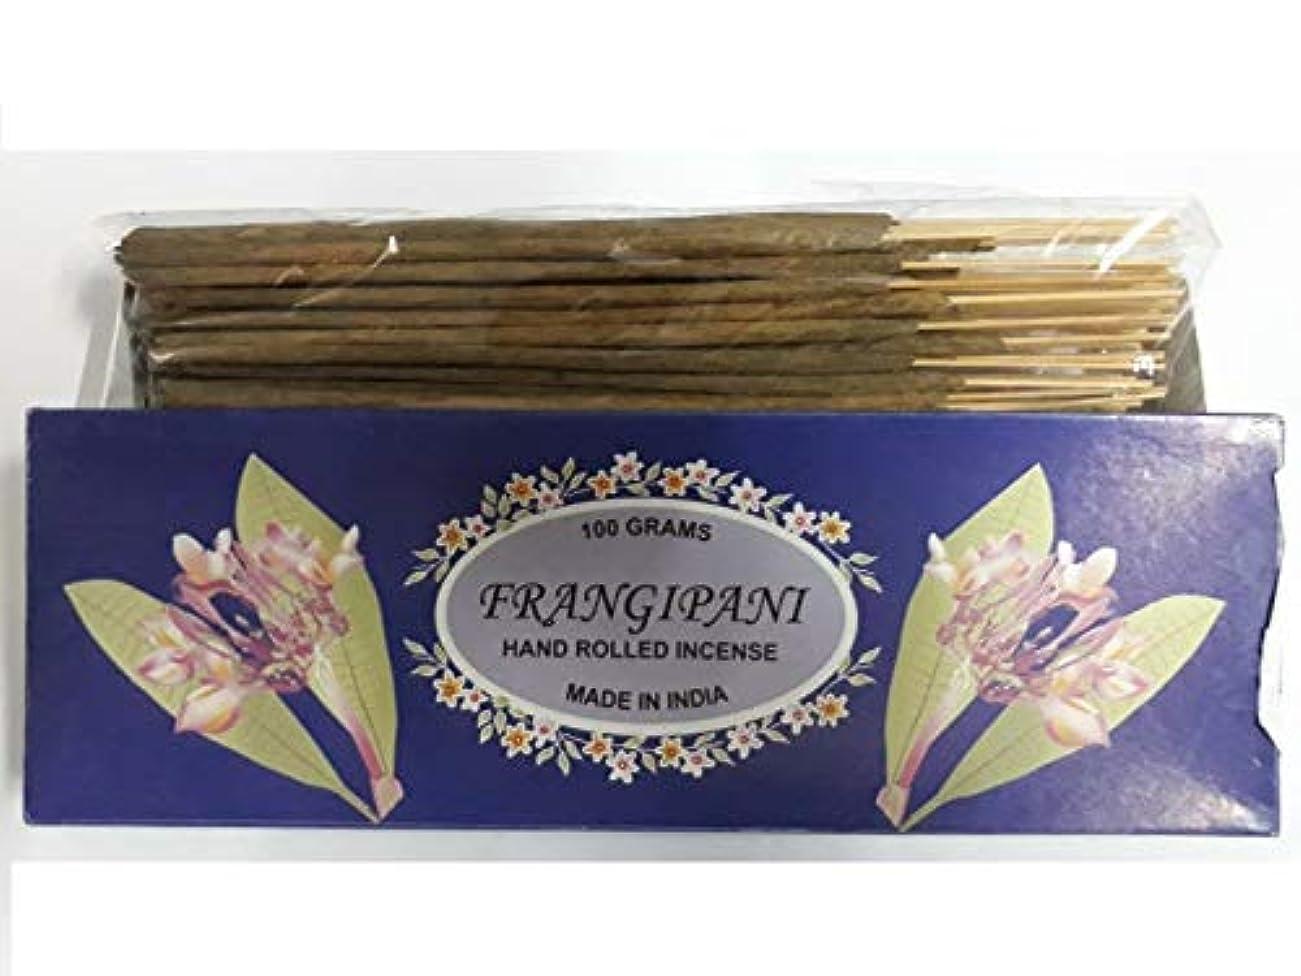 つなぐ句読点医療過誤Frangipani フランジパニ Agarbatti Incense Sticks 線香 100 grams Hand Rolled Incense